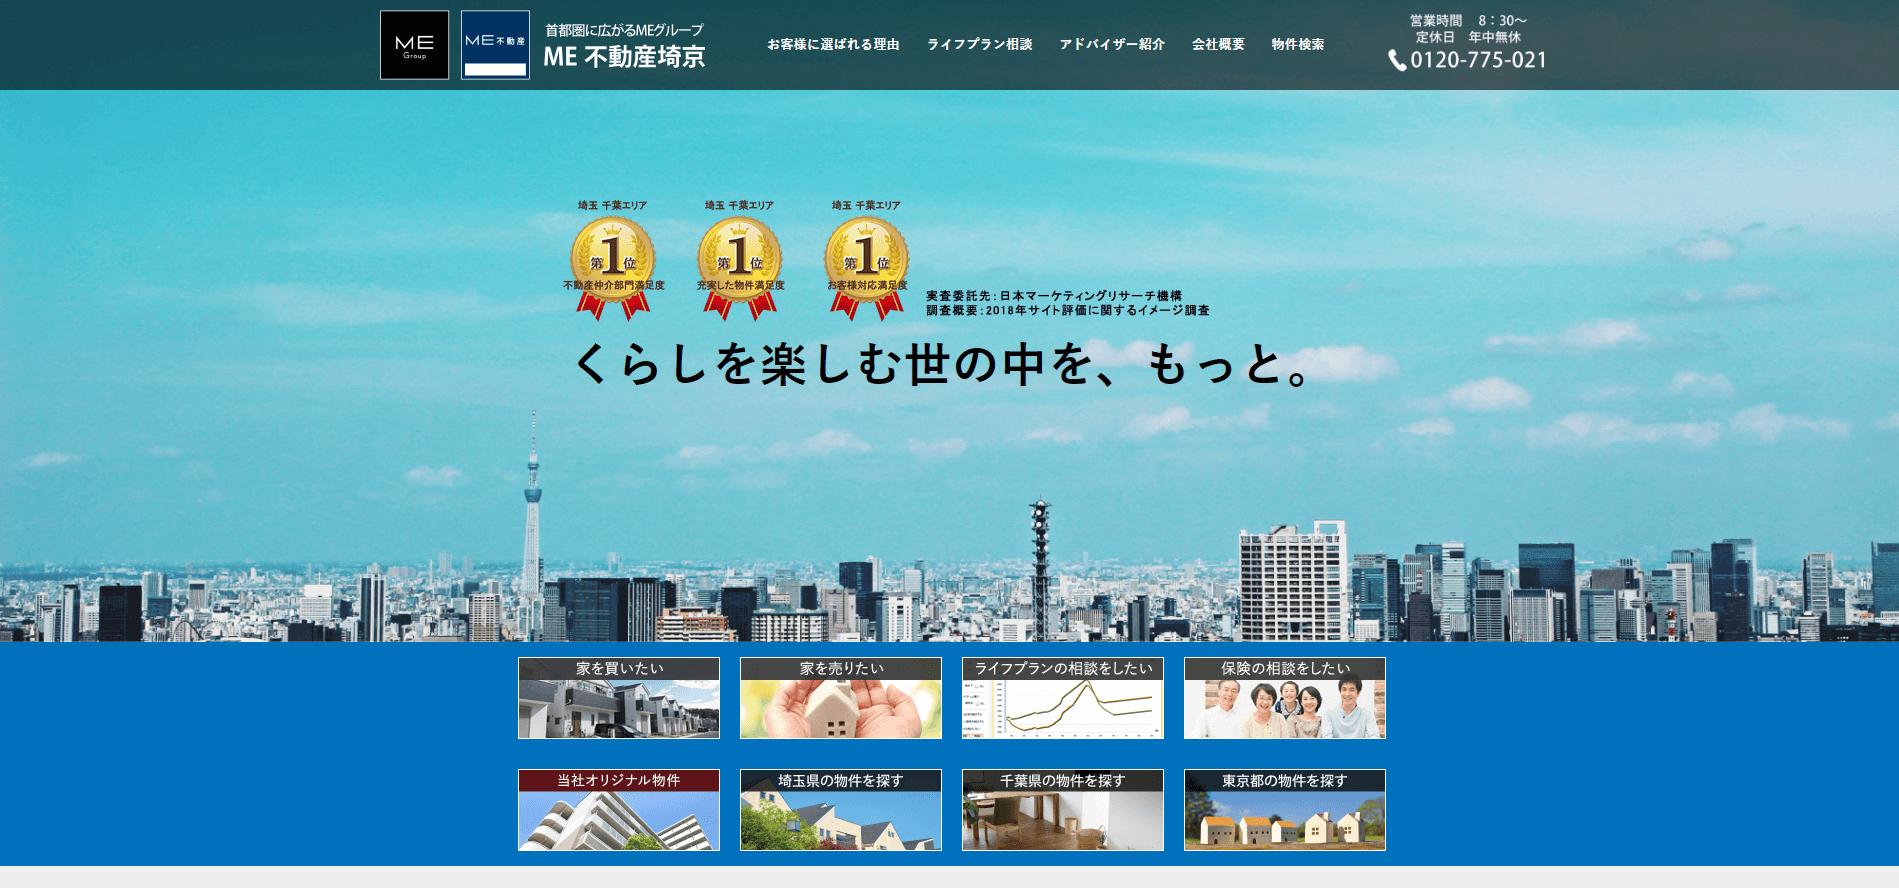 ME 不動産埼京の画像1